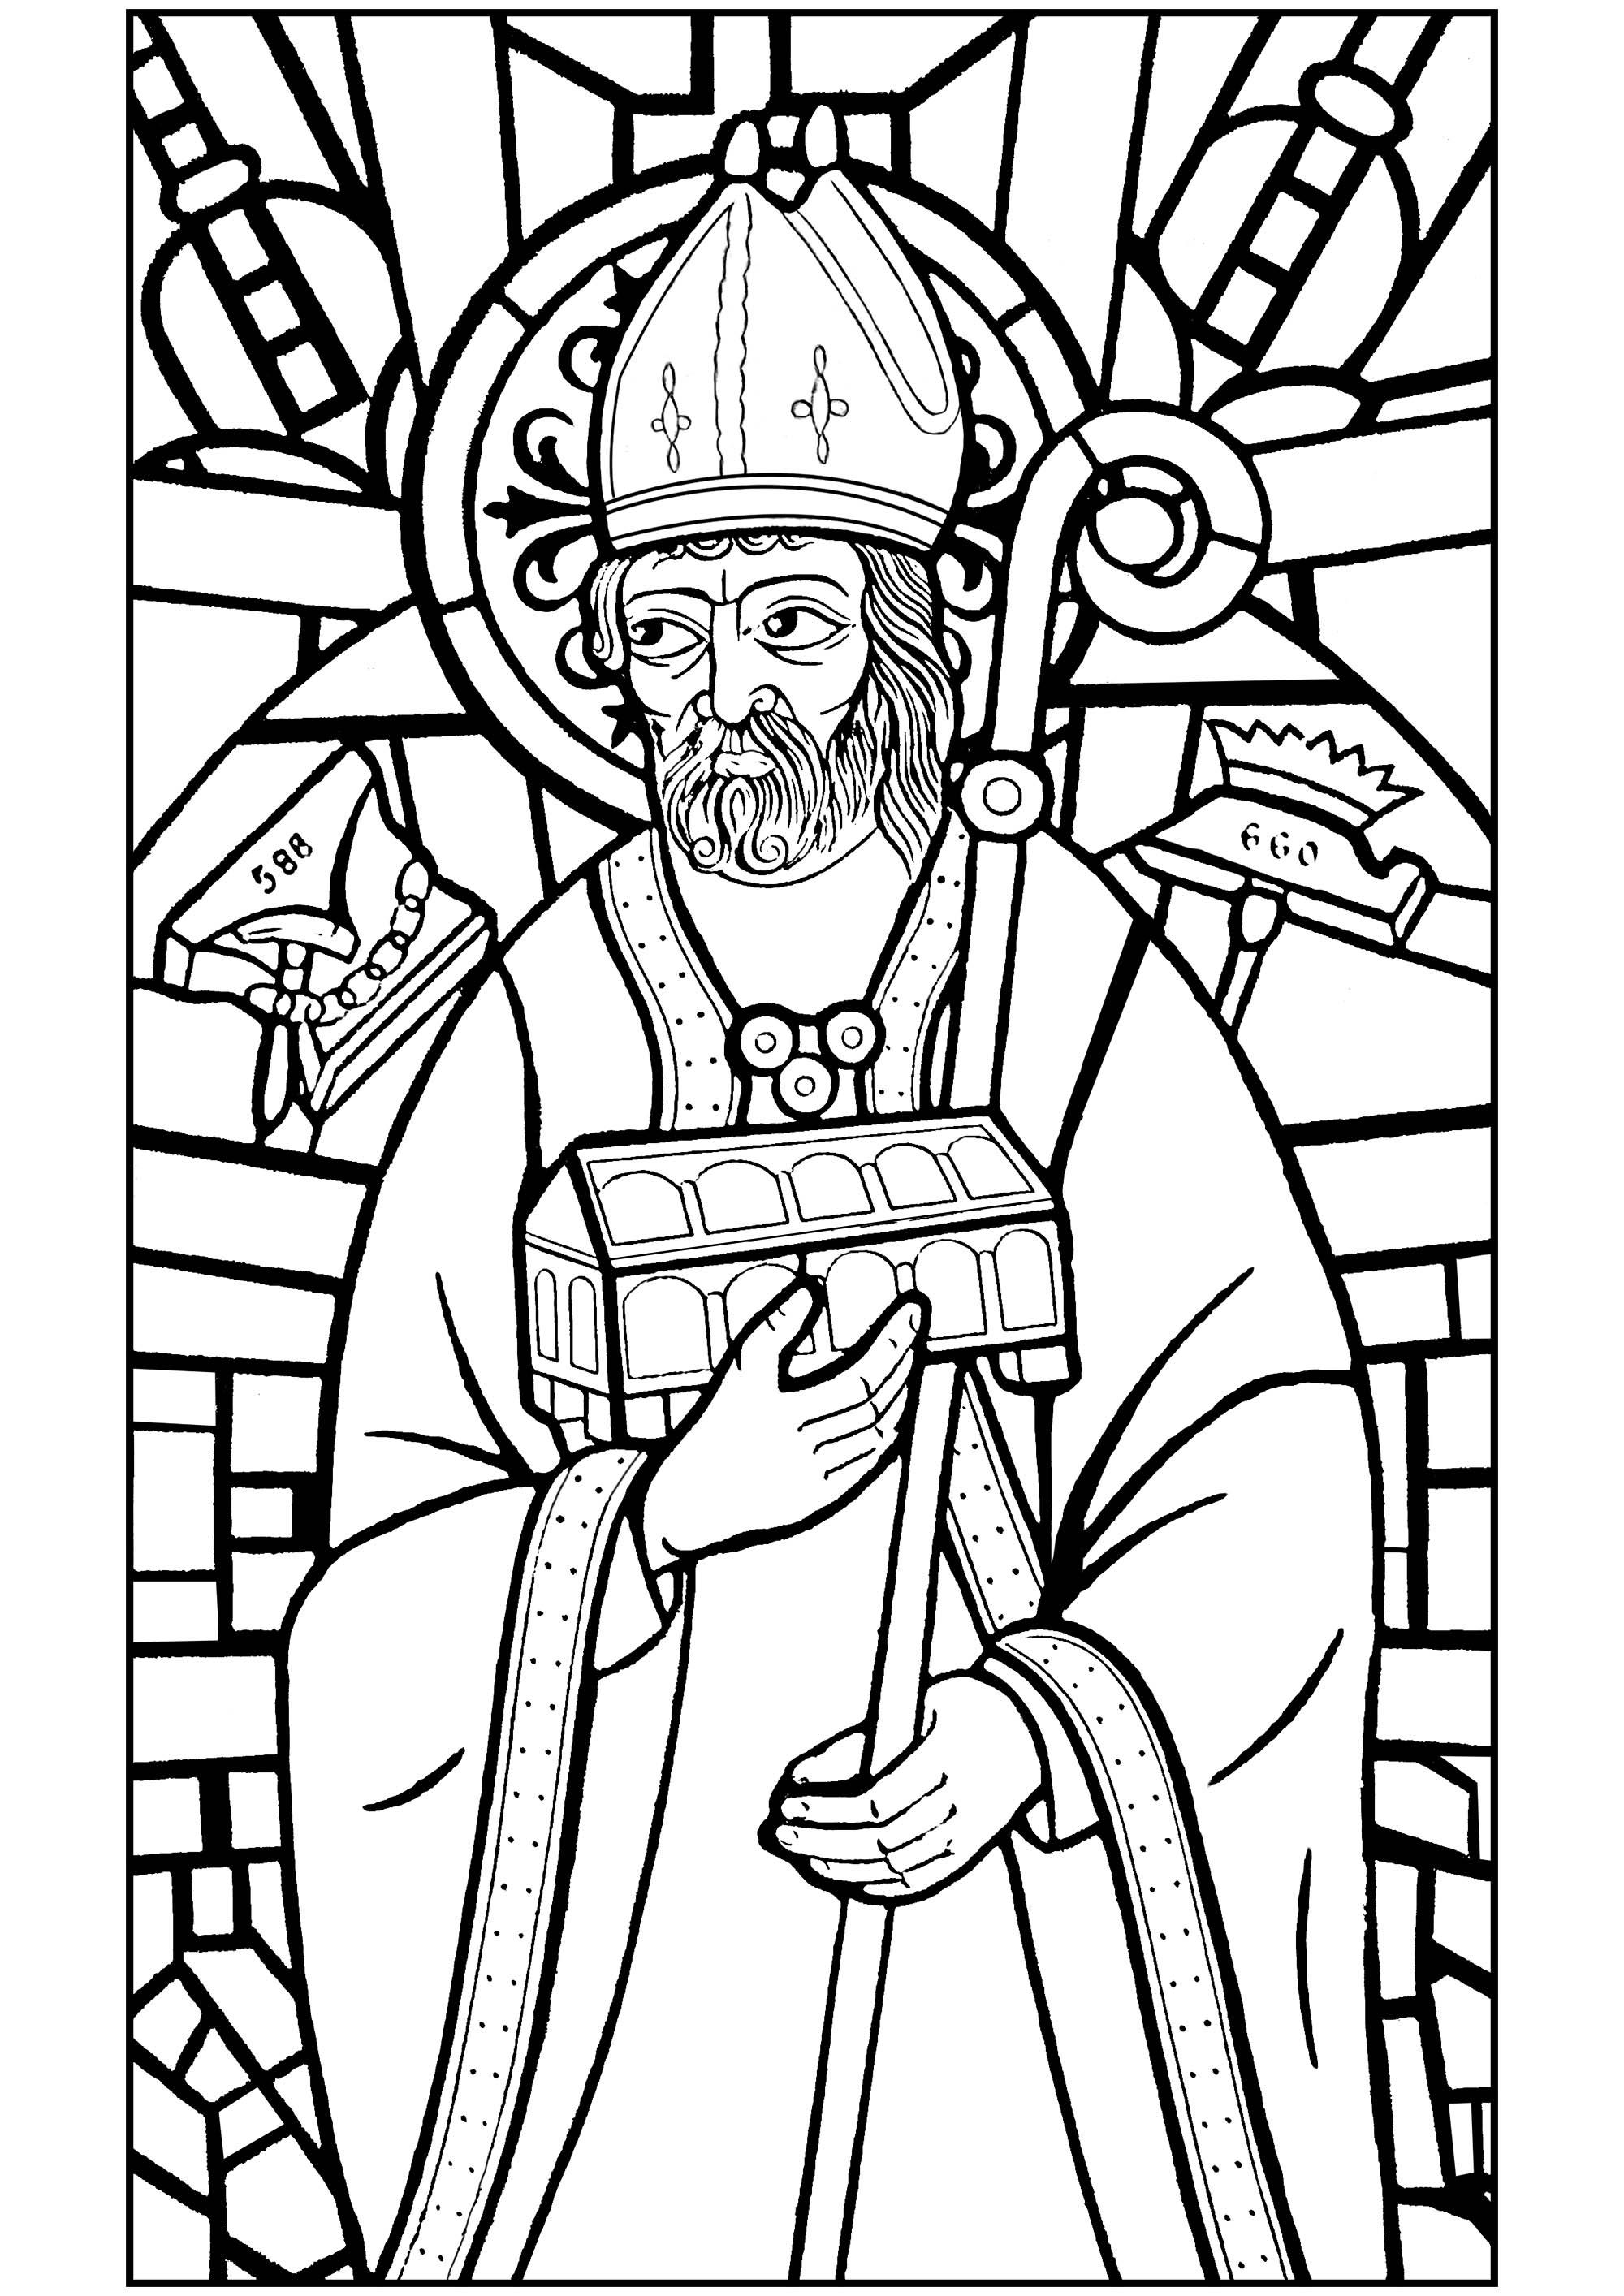 Saint Éloi est le patron de tous les artisans qui travaillent le métal : maréchal ferrant, charron, forgeron, cloutier, serrurier, taillandier... Il est souvent représenté avec des tenailles et un marteau, une enclume et un fer à cheval. Voici un vitrail le représentant, transformé en coloriage.